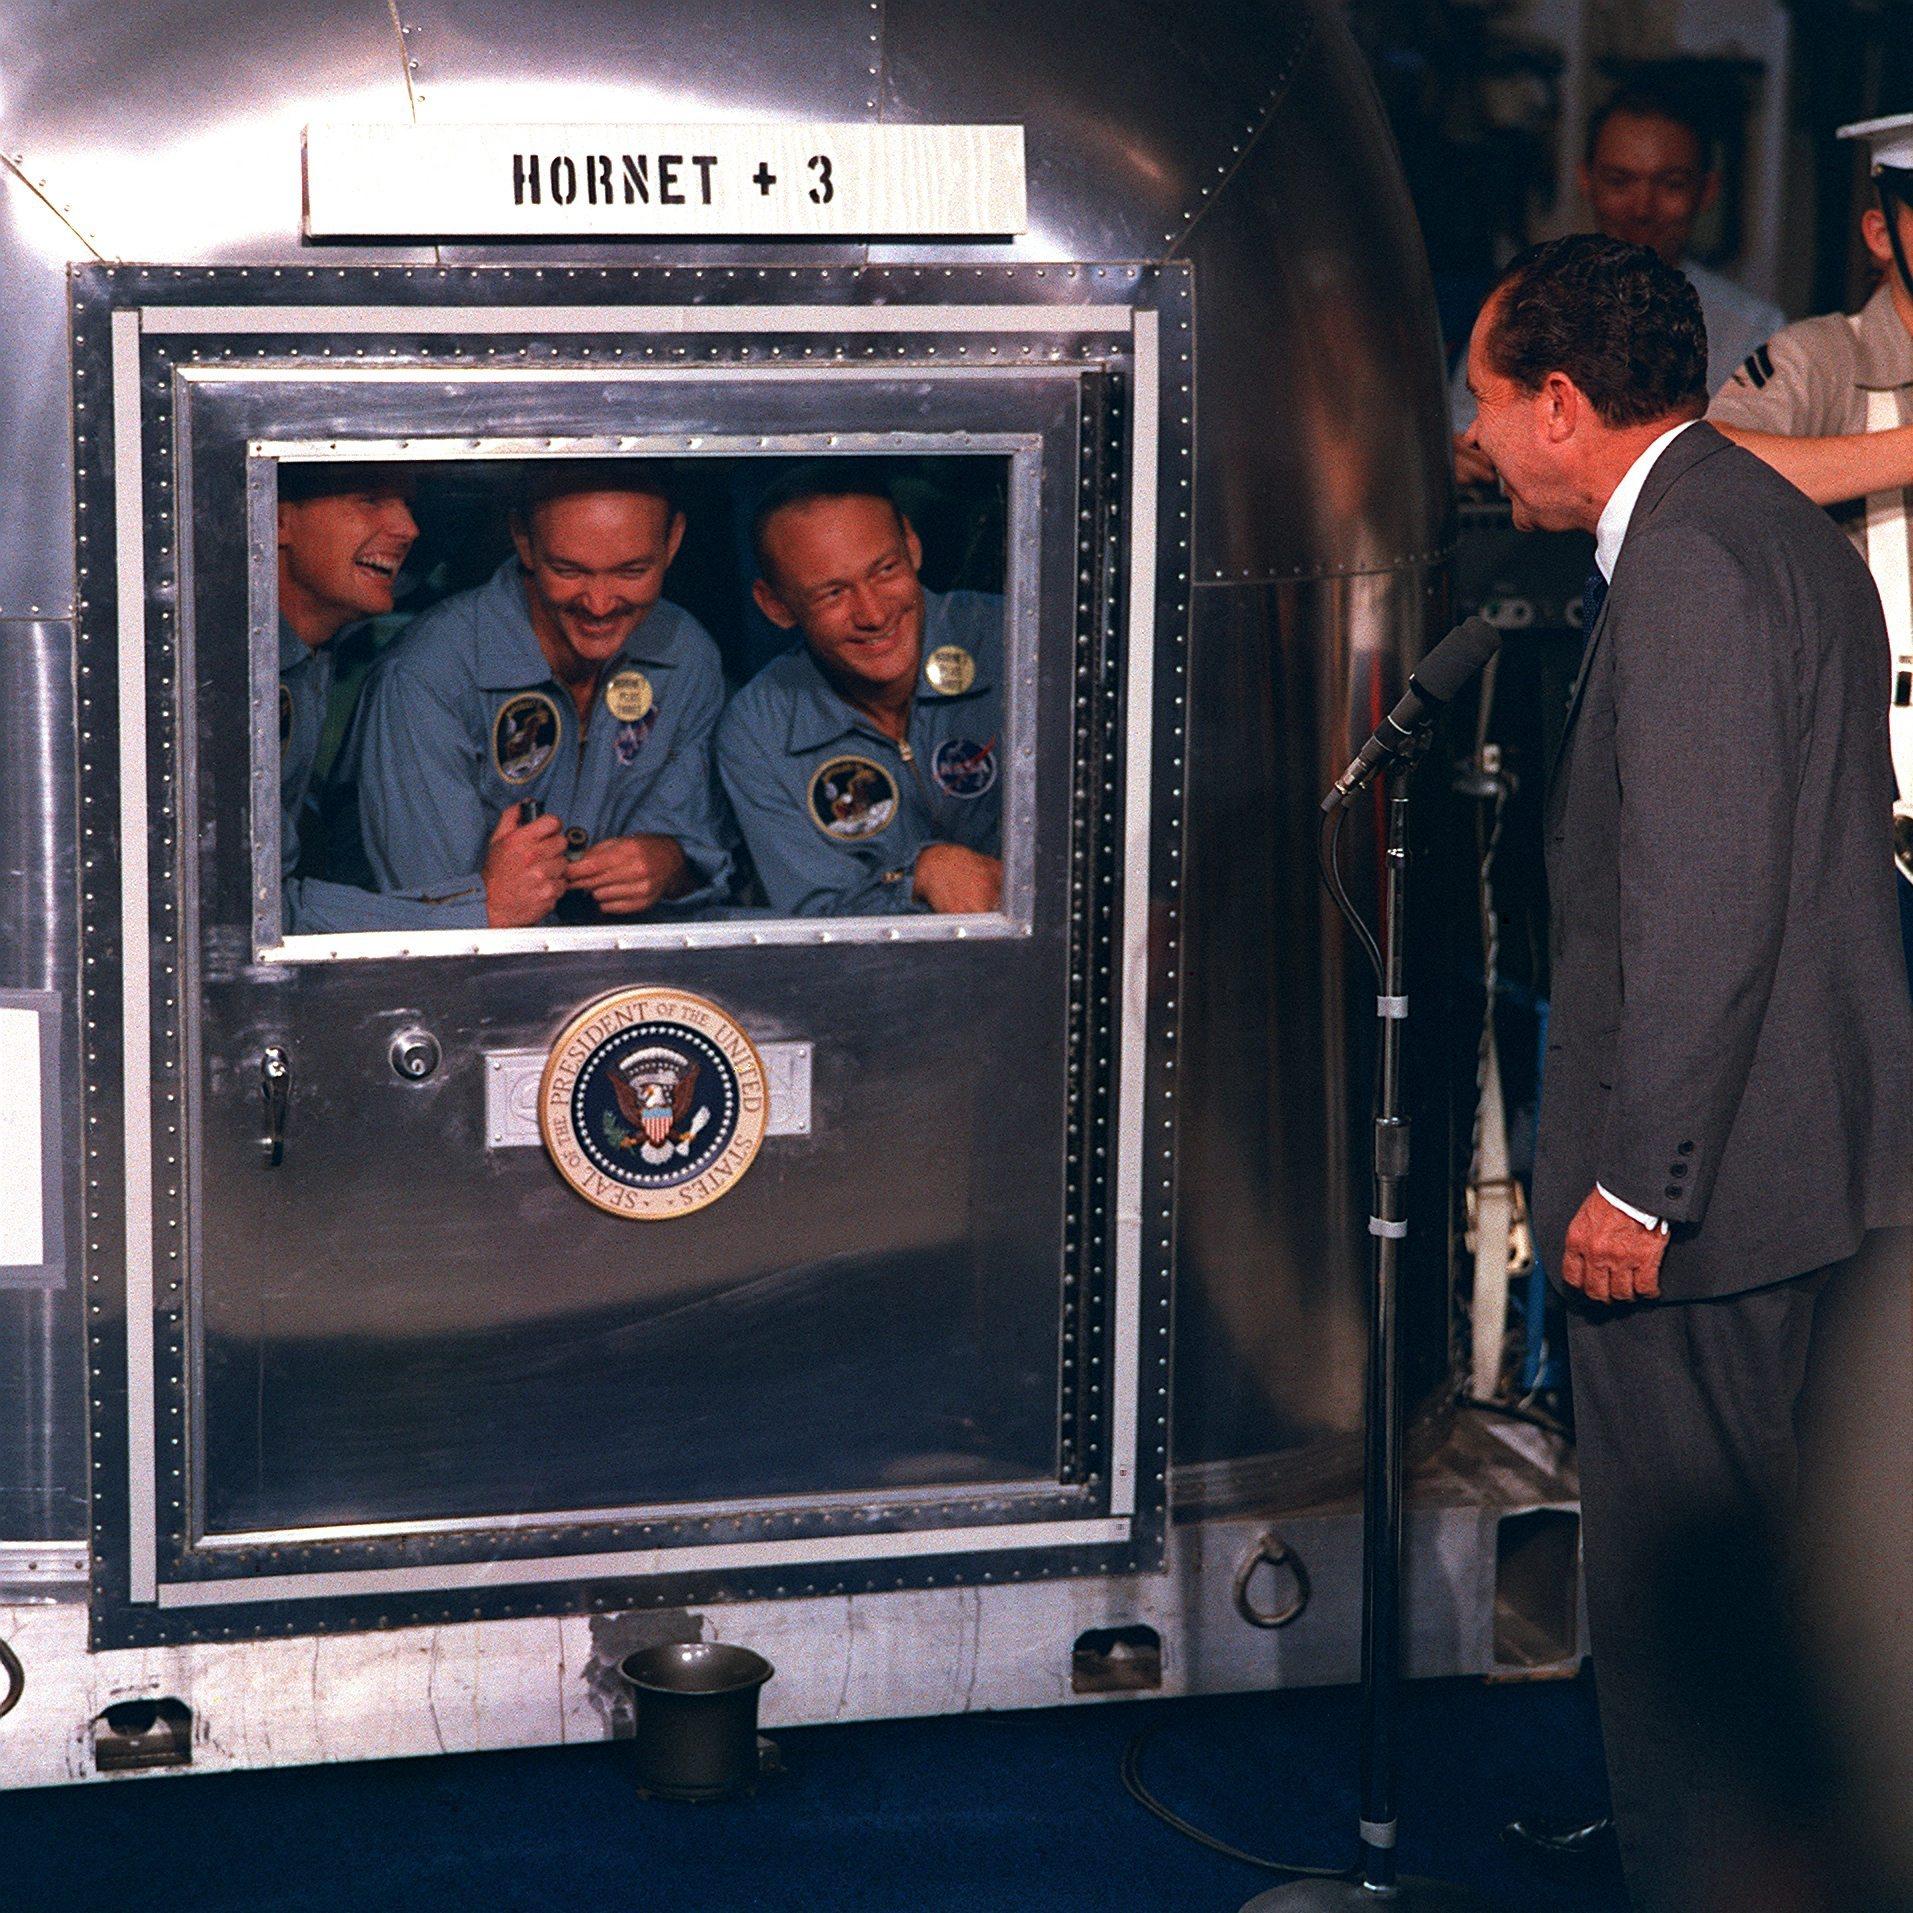 astronautas-apolo-11-y-nixon.jpg